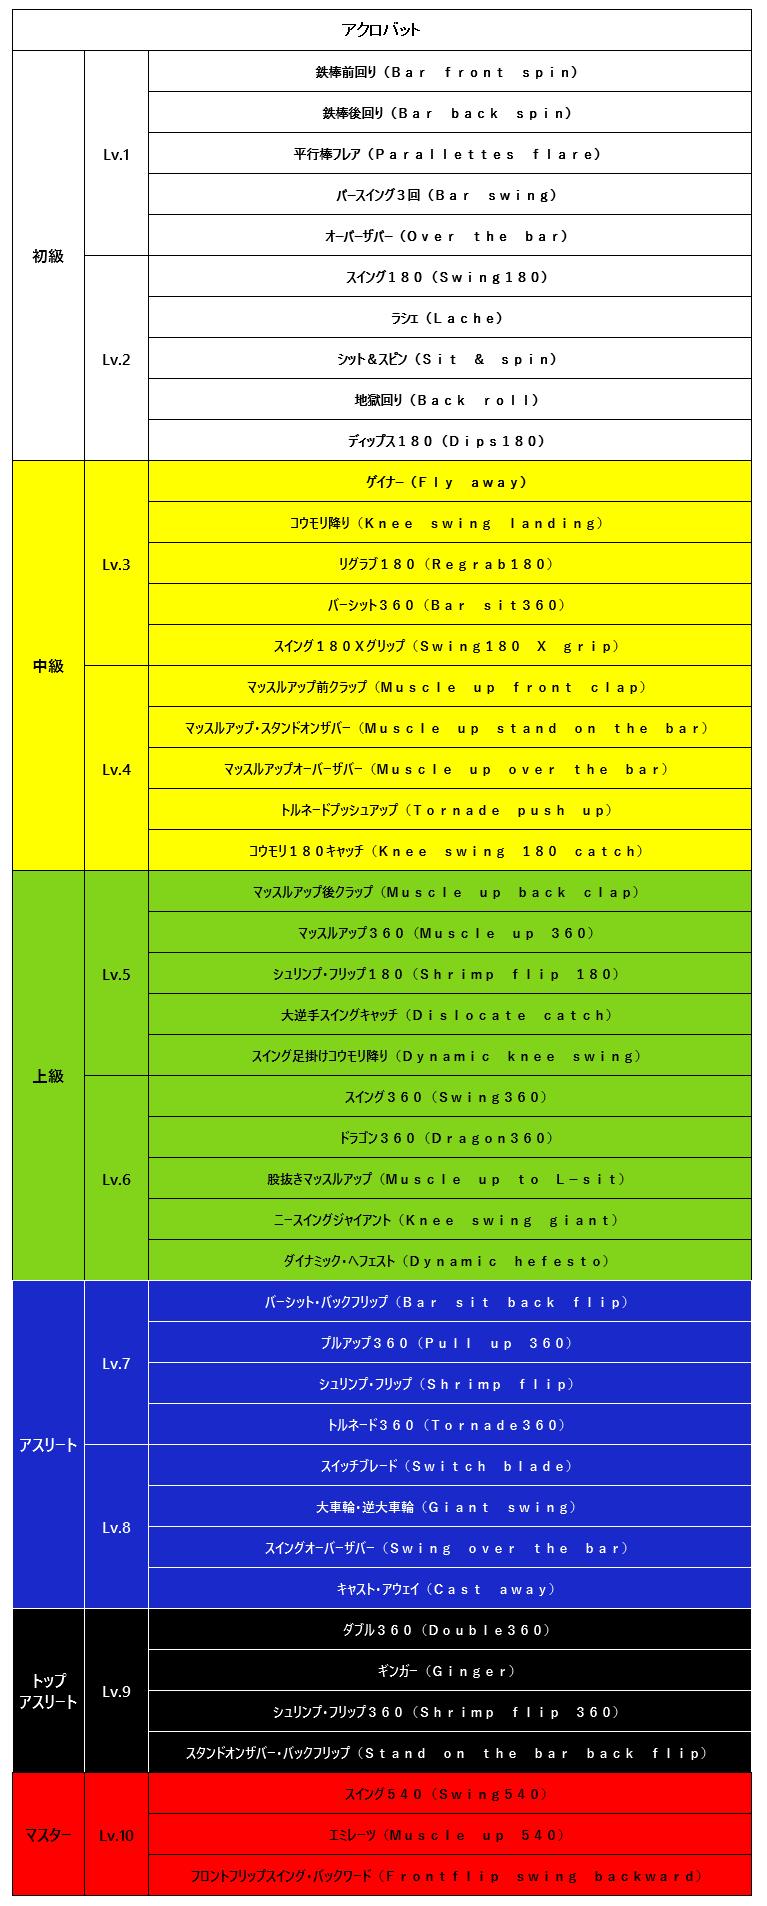 アクロバット技一覧表